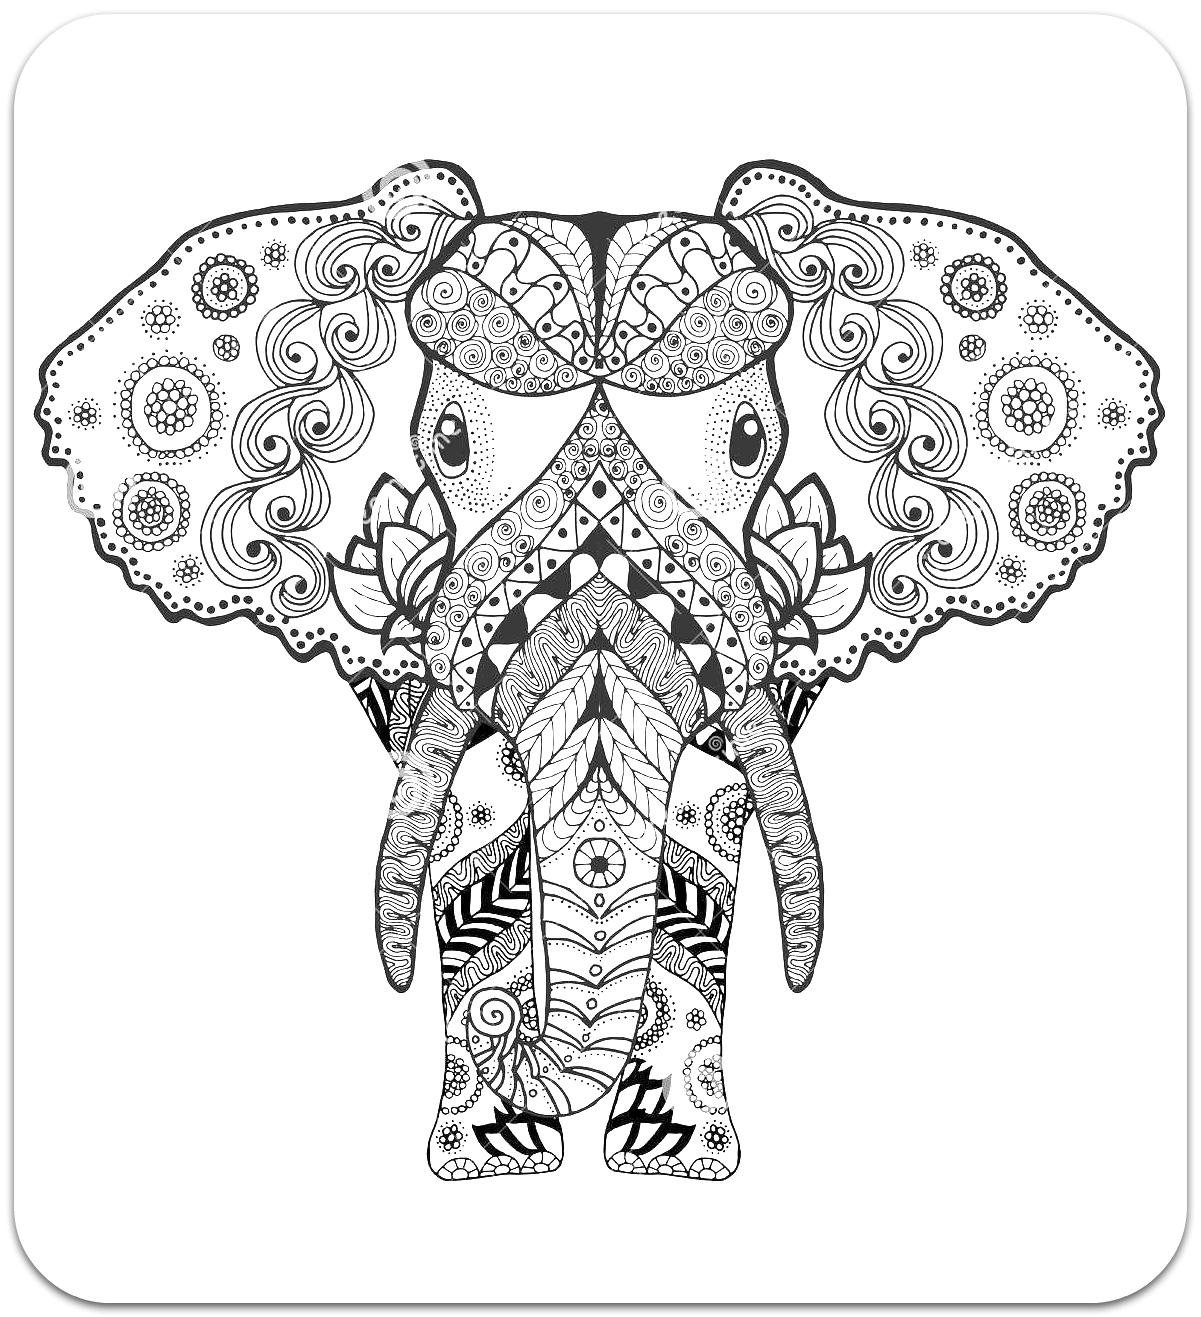 Раскраски-антистресс. Животные (Слон)